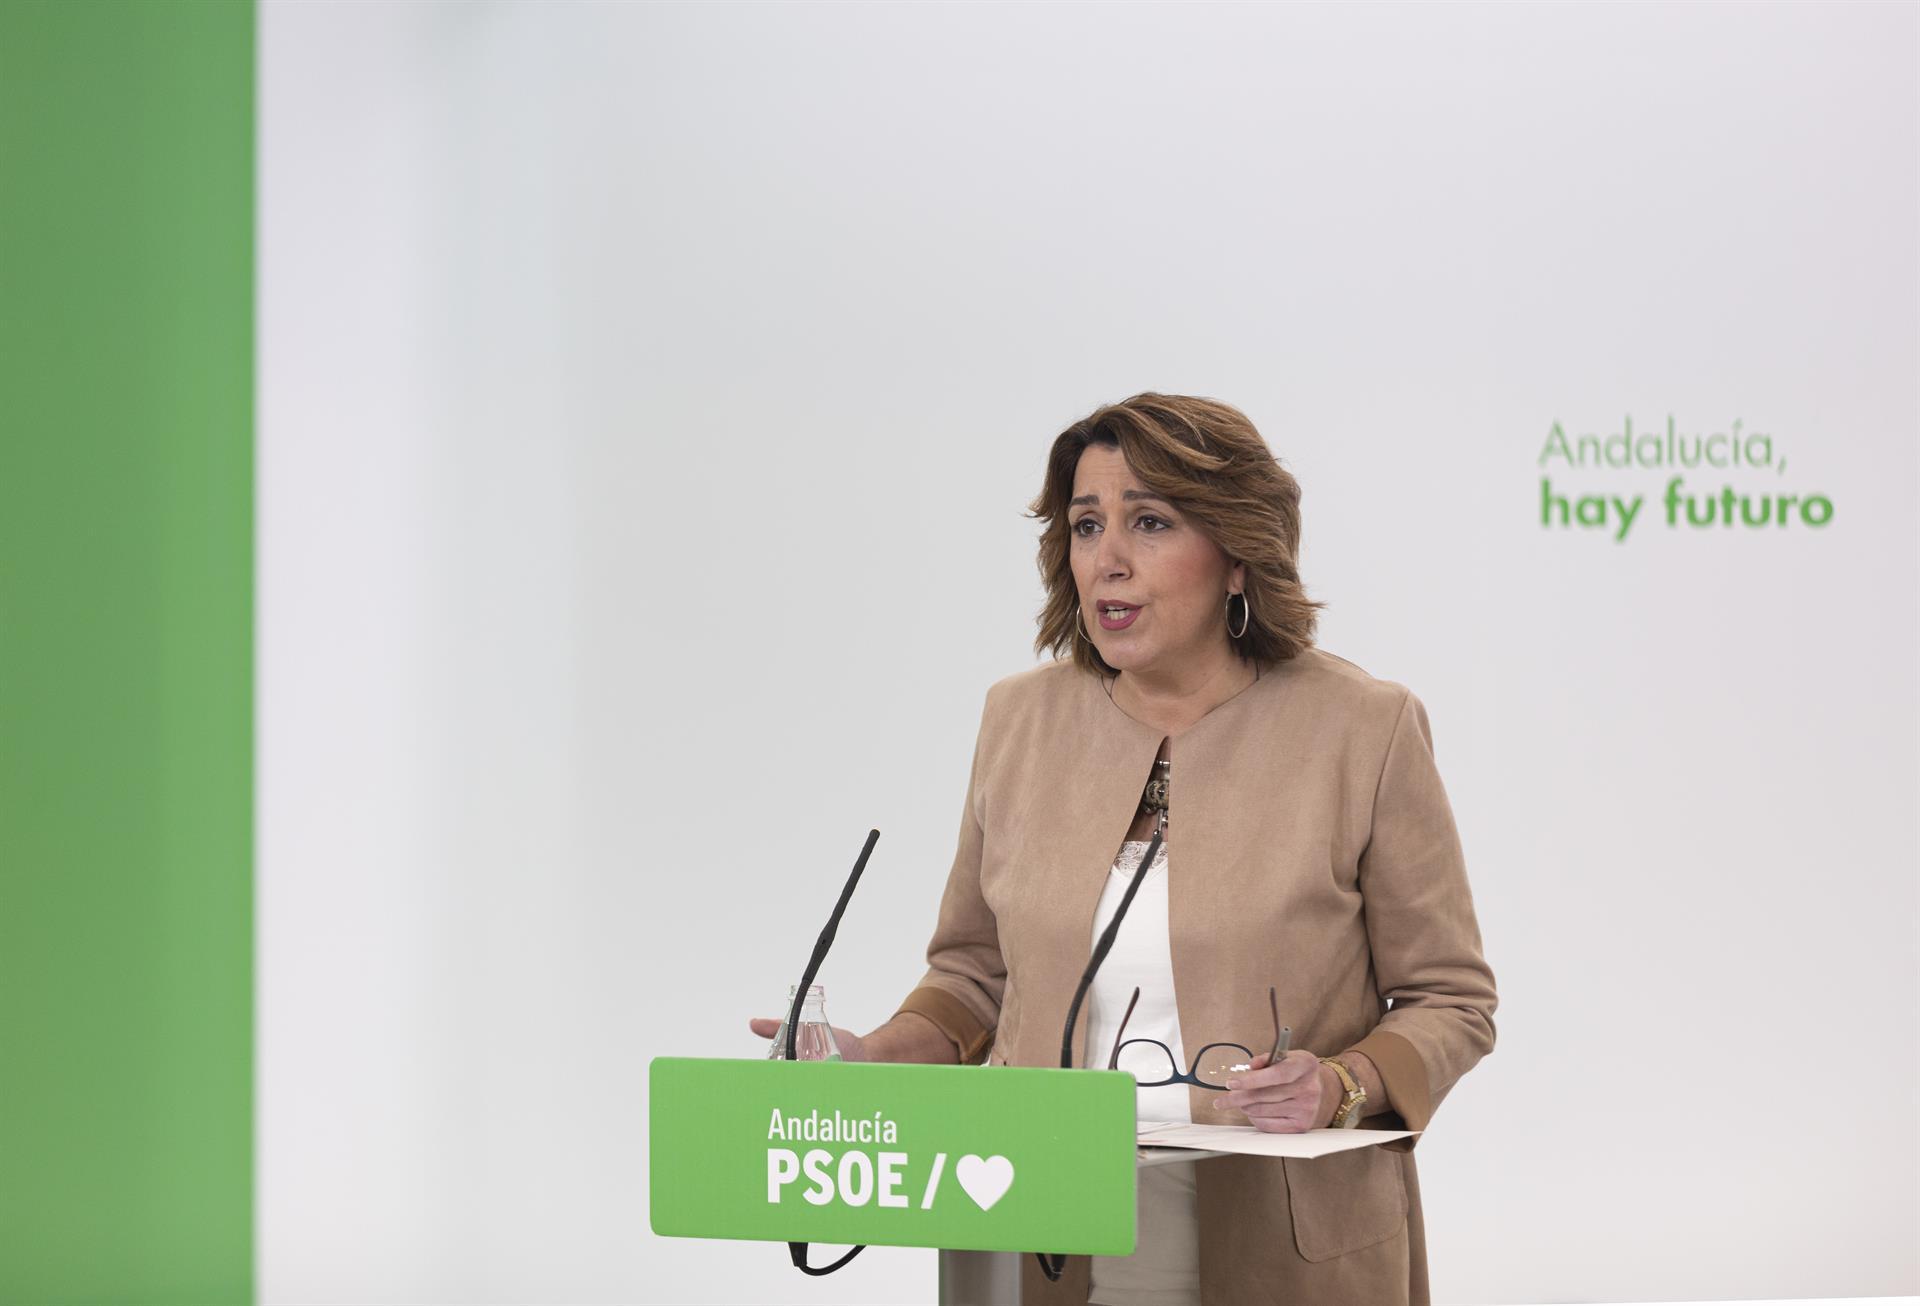 Susana Díaz exige a la Junta que «abra los centros de salud» como «prometió» y que «no juegue con la gente»